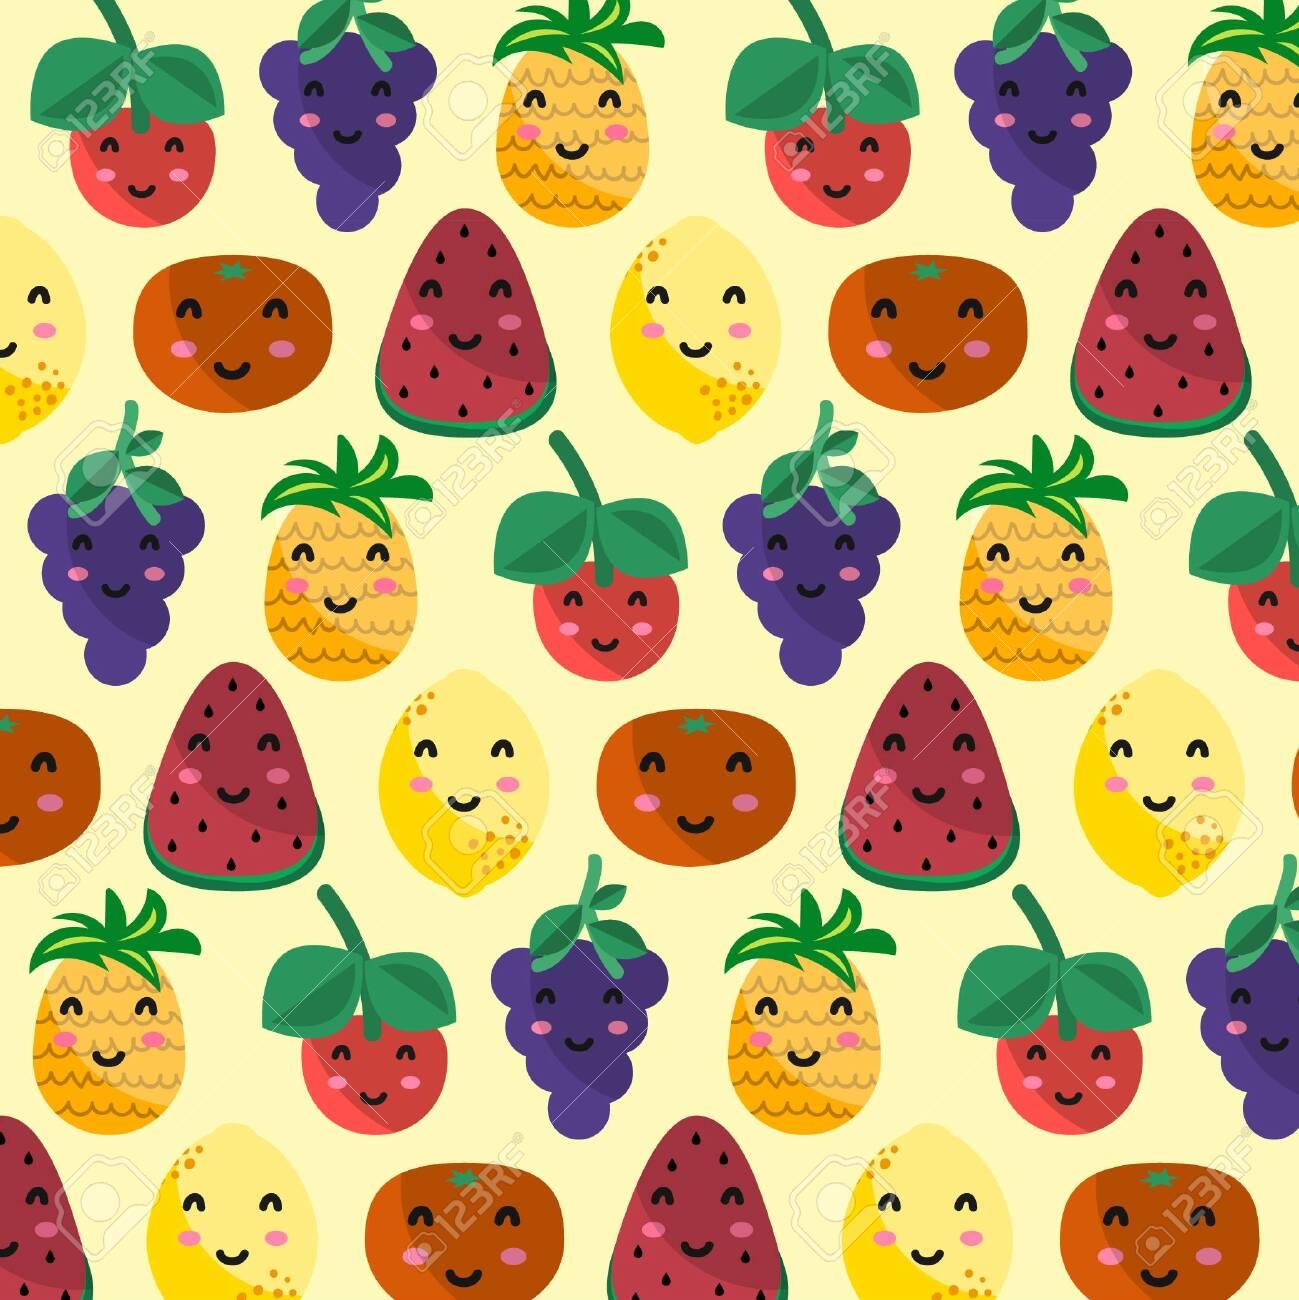 Kawaii fruit pattern - 145102986